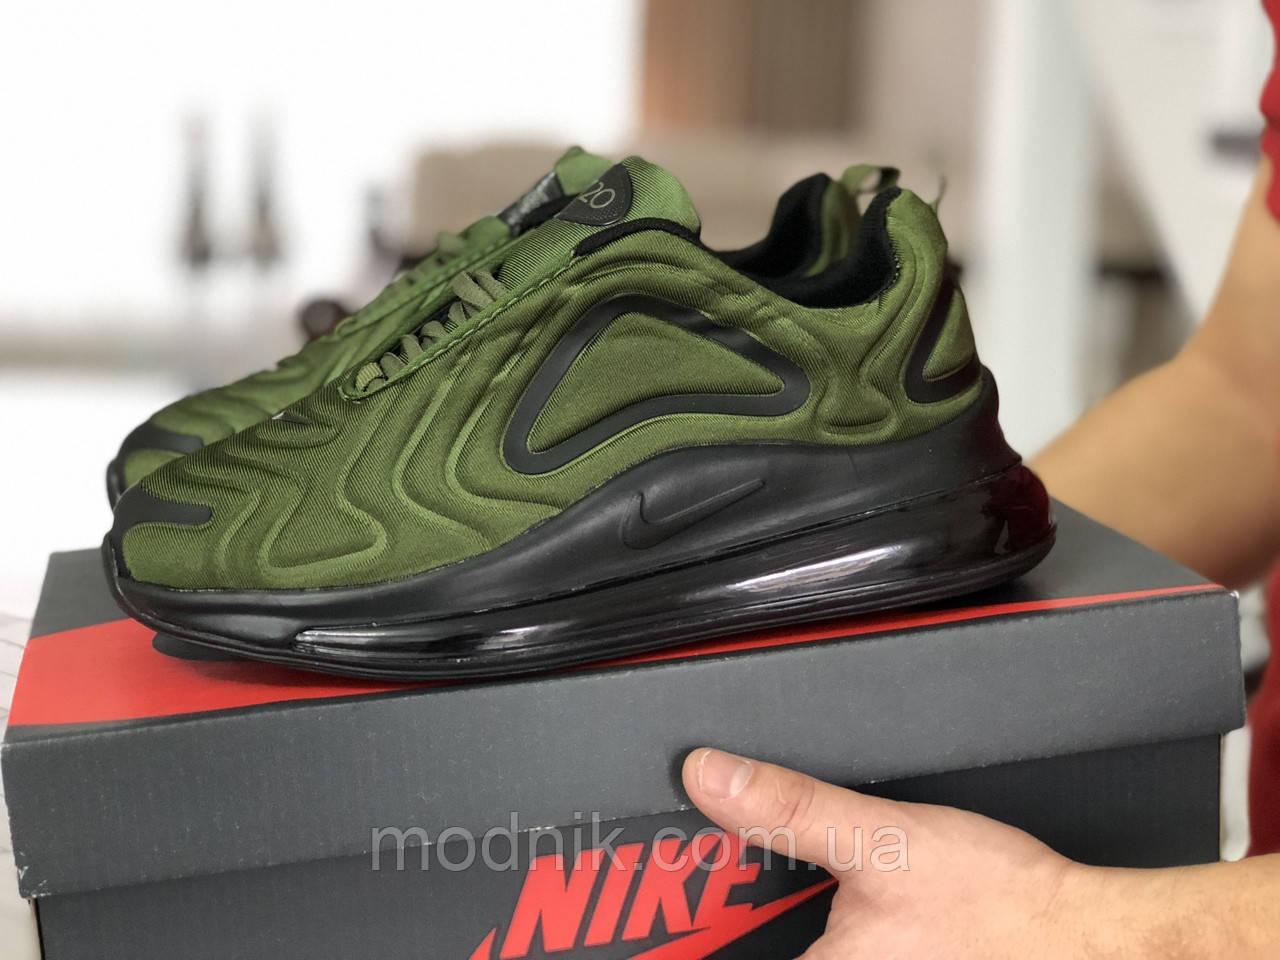 Мужские кроссовки Nike Air Max 720 (темно-зеленые)